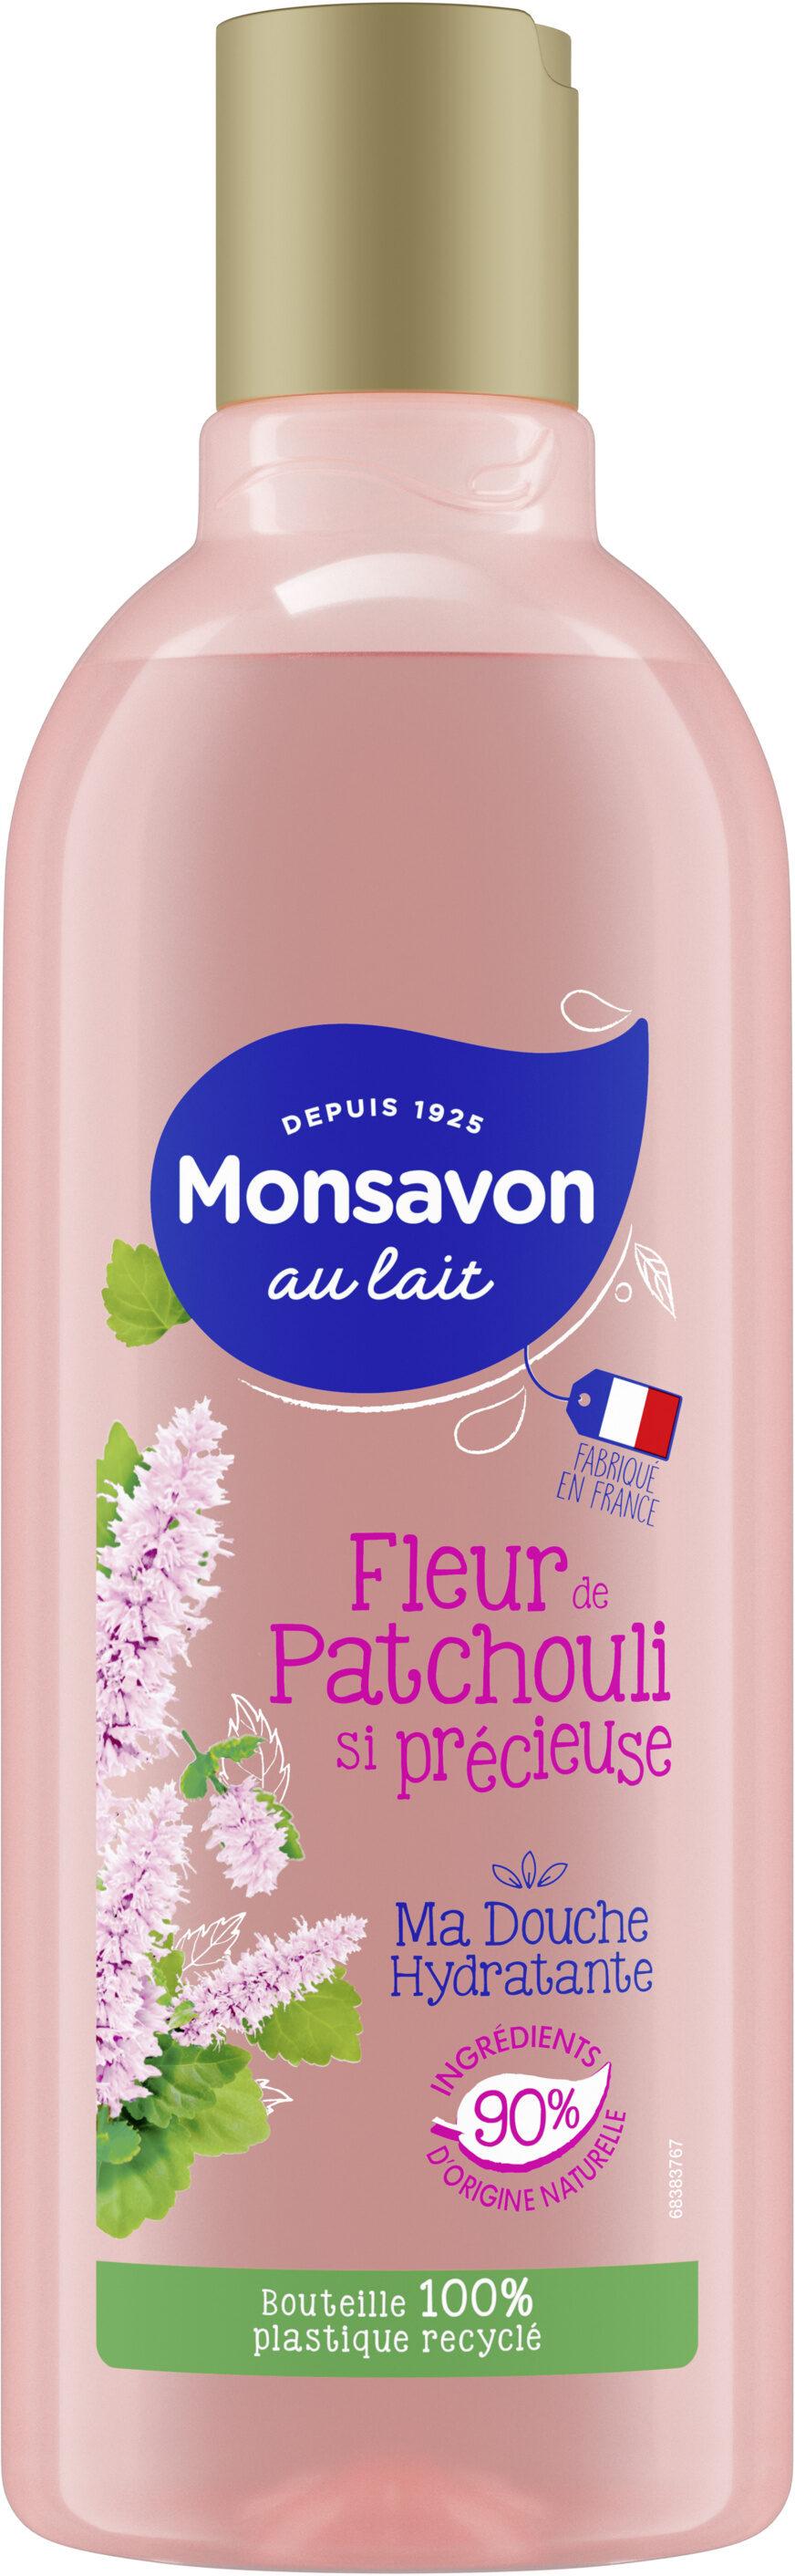 Monsavon Gel Douche Fleur De Patchouli Si Précieuse - Product - fr